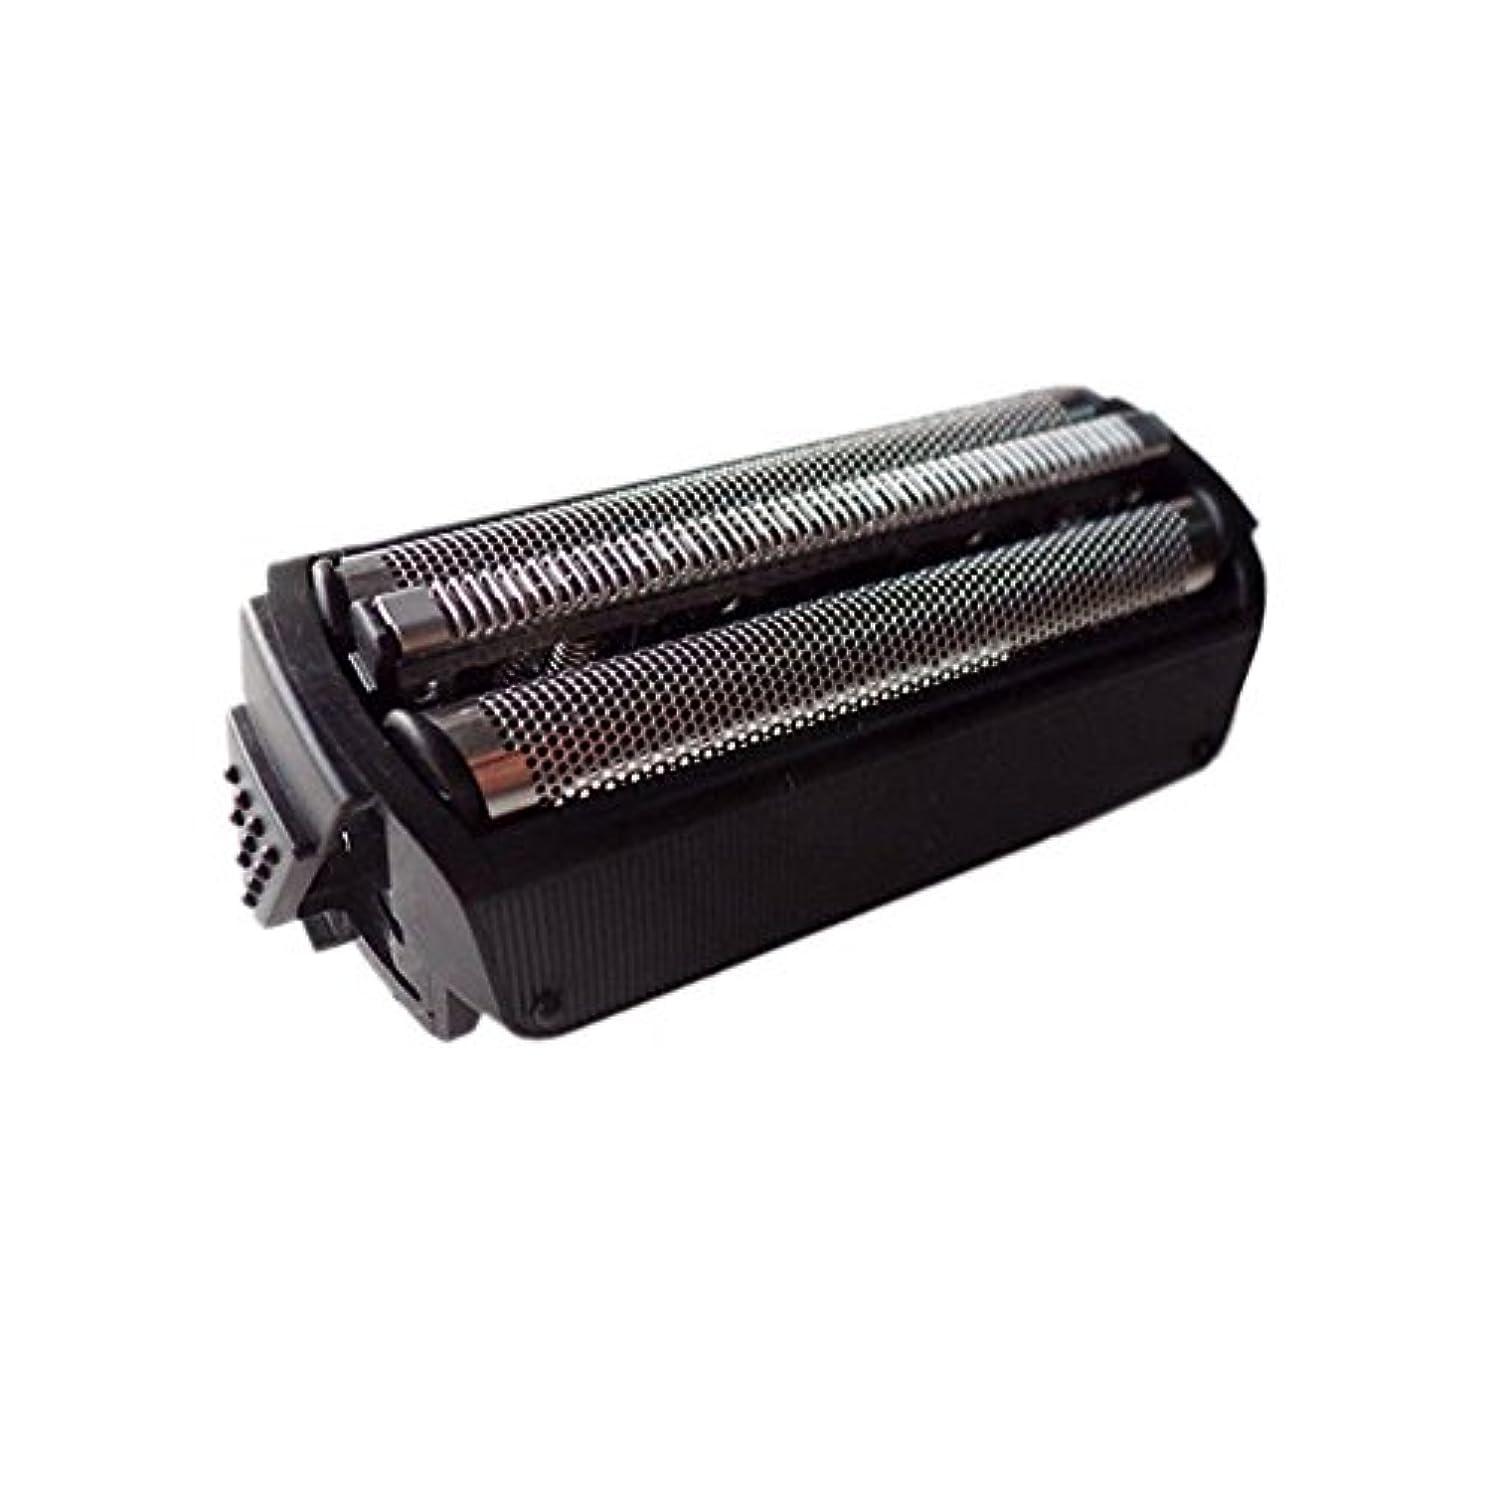 一口まつげ高めるDeylaying シェーバー替刃 往復式シェーバー パーツ 外刃 耐用 高質量 for Panasonic ES9077/7013/8026/8016/7003/882/883